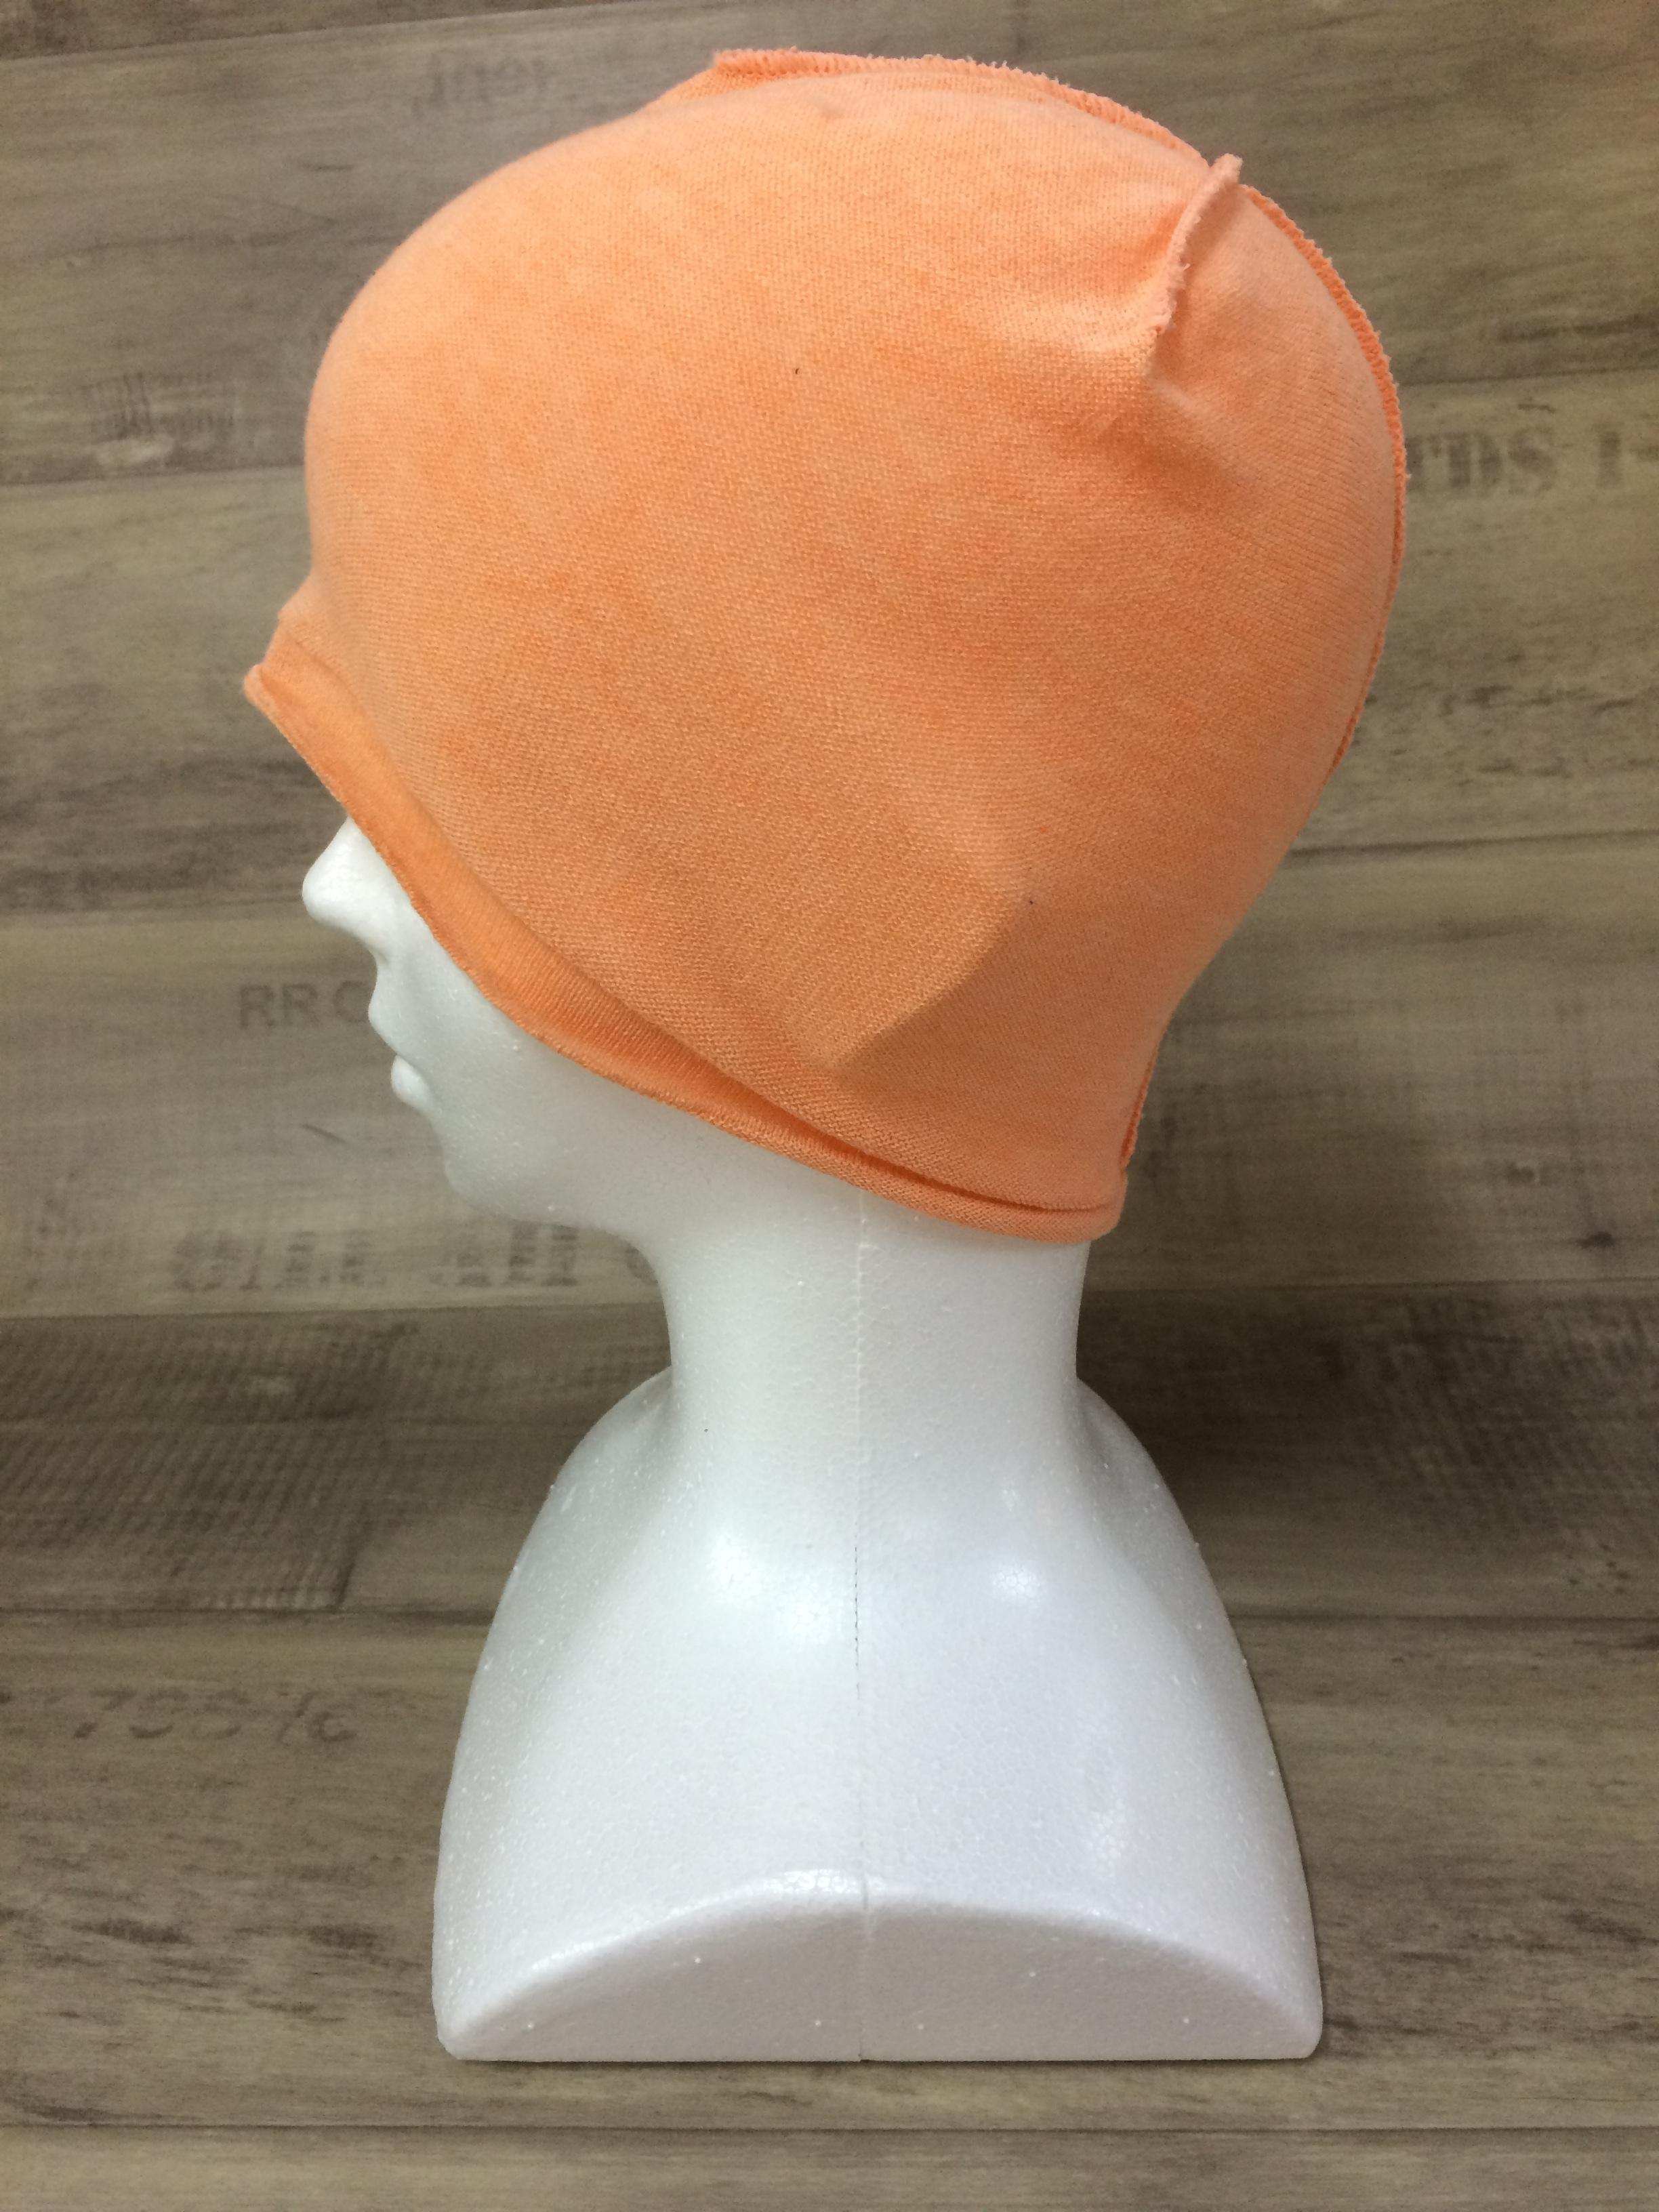 【送料無料】こころが軽くなるニット帽子amuamu|新潟の老舗ニットメーカーが考案した抗がん治療中の脱毛ストレスを軽減する機能性と豊富なデザイン NB-6057|夕張メロン <オーガニックコットン インナー>